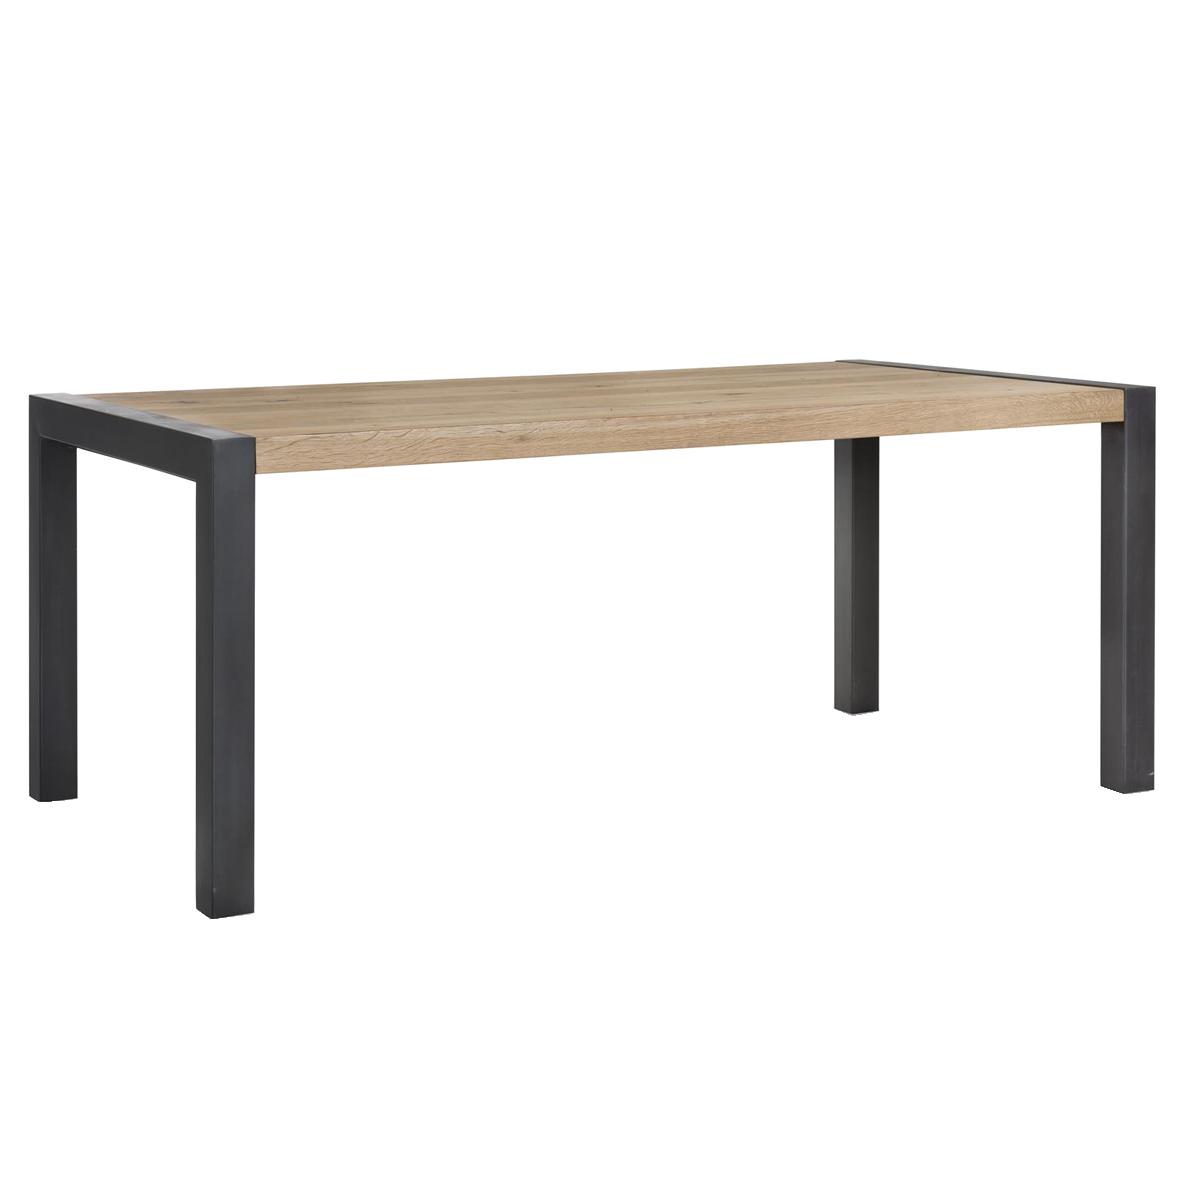 Habufa Brooklyn Esstisch ca. 48 cm breit Tischplatte in Eiche furniert  Metallbeine schwarz im Industrie Stil